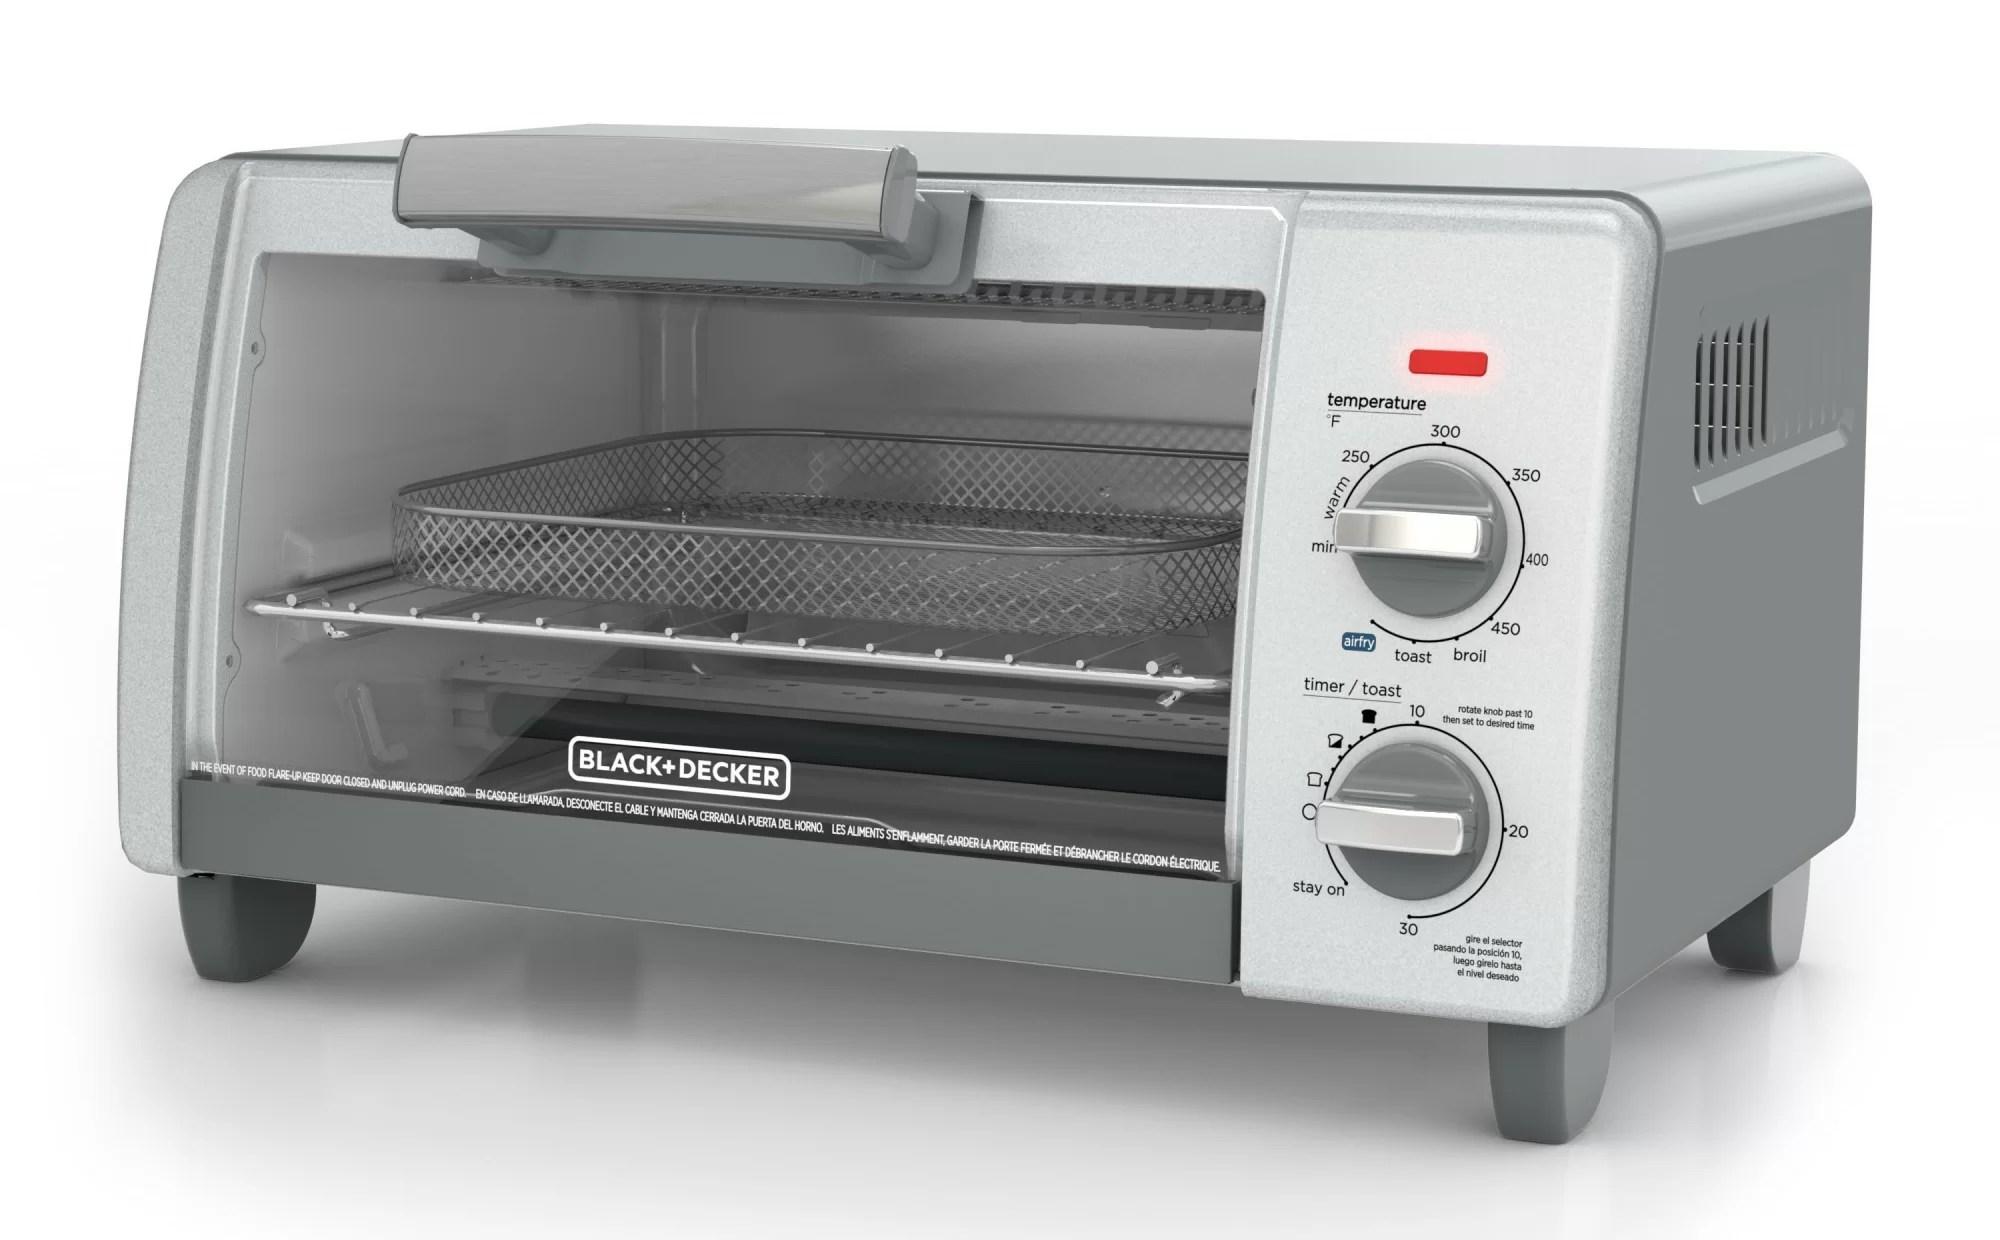 black decker crisp bake air fry 4 slice toaster oven